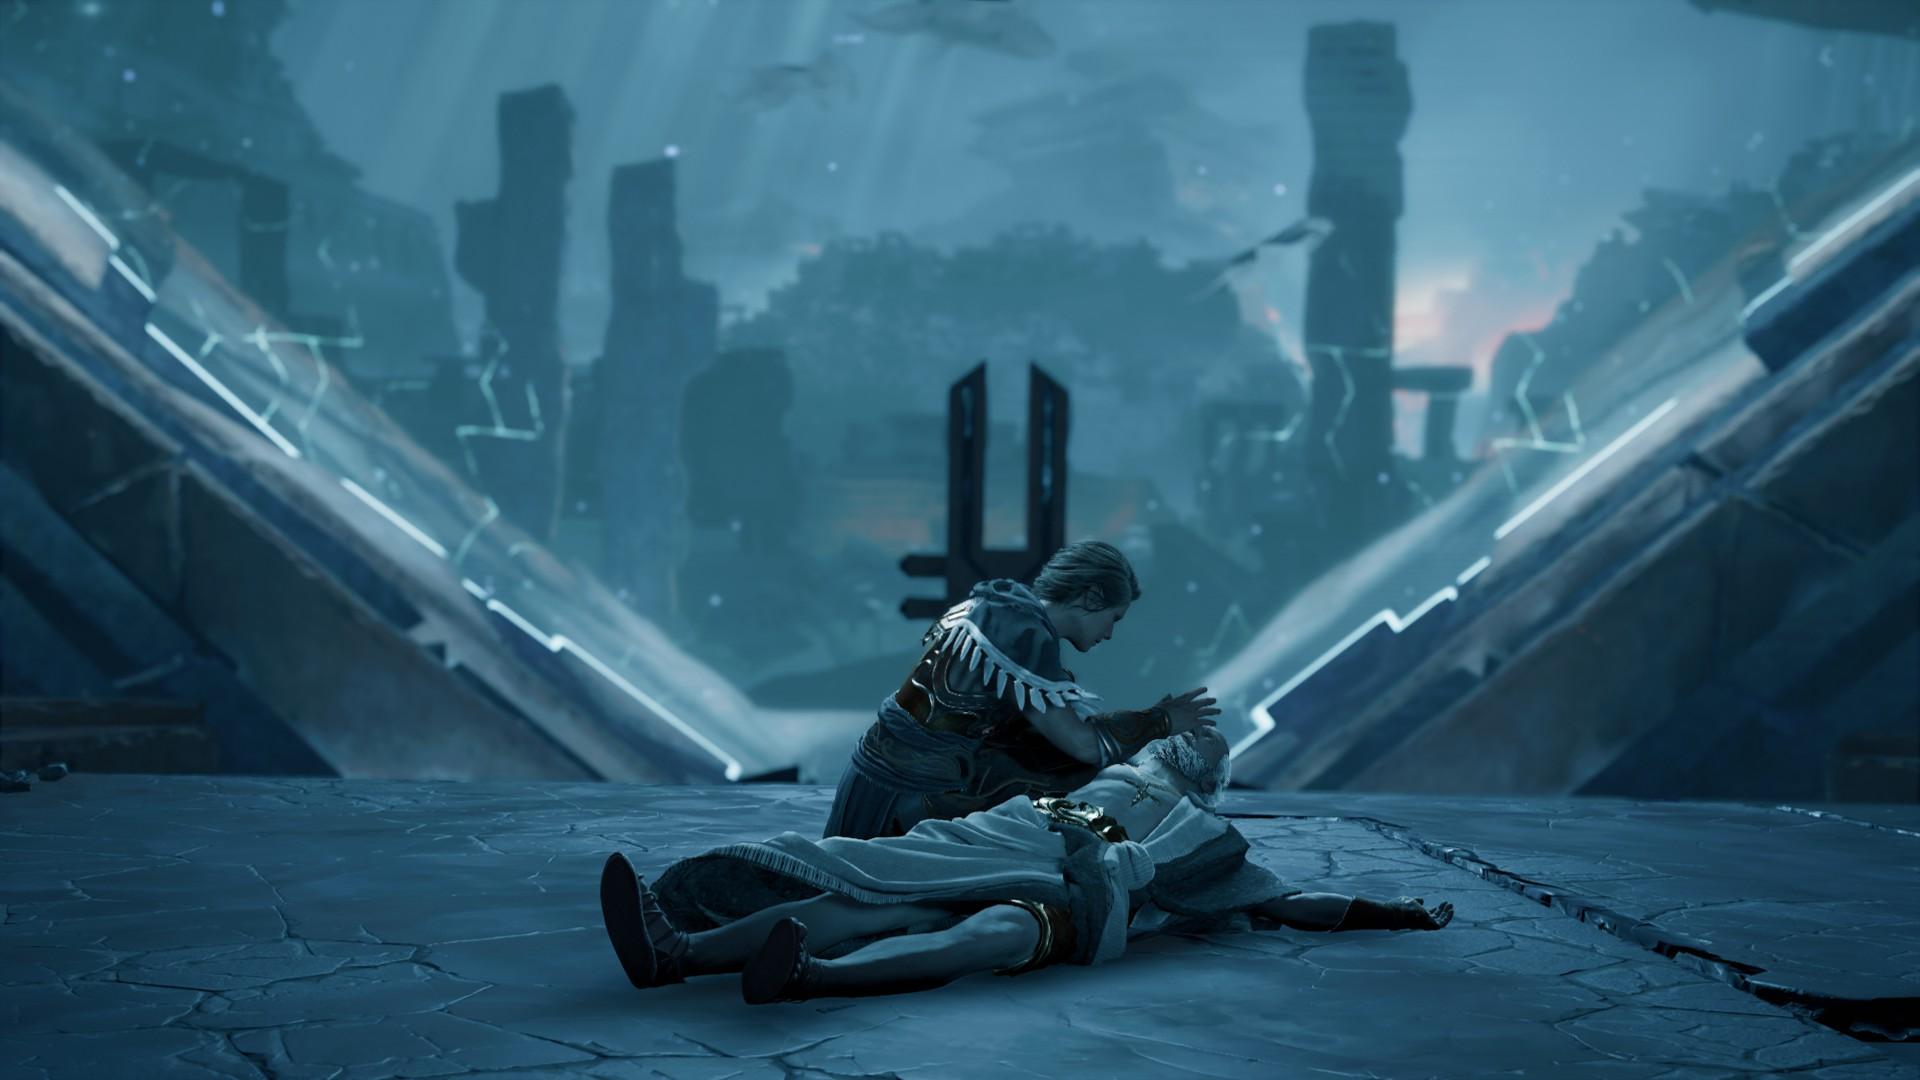 Wallpaper Assassin S Creed Assassin S Creed Odyssey Assassins